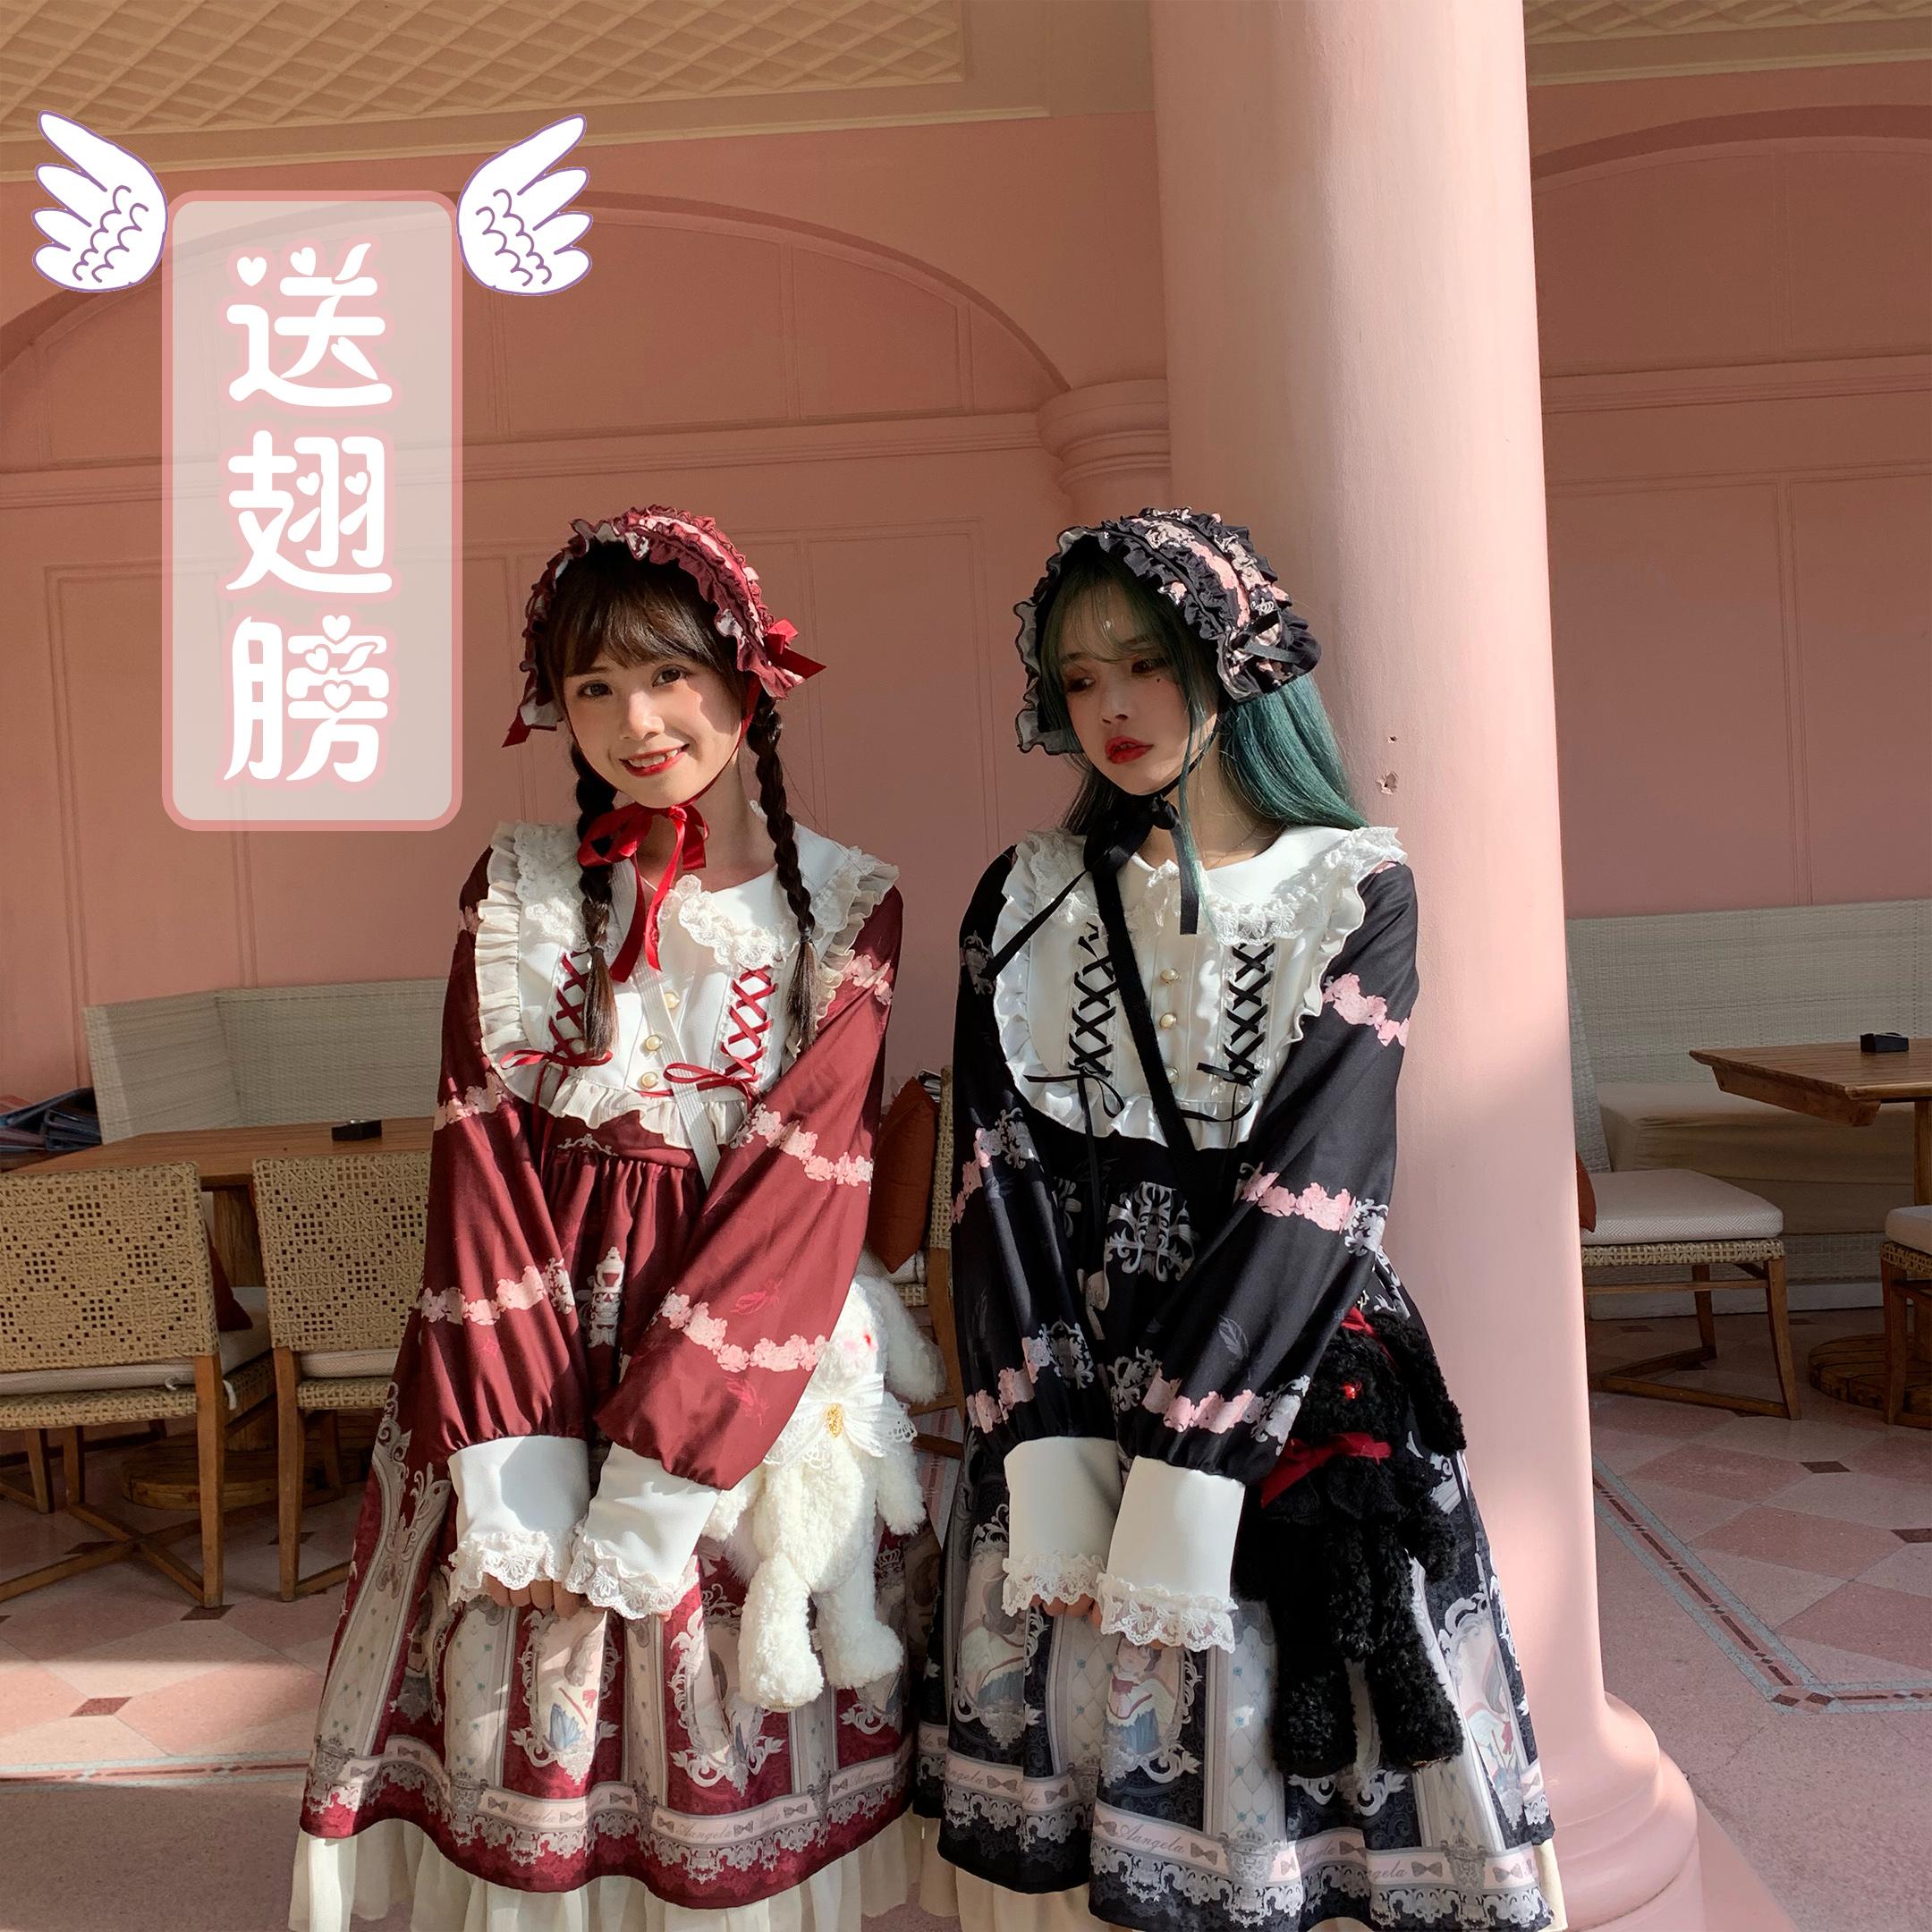 【森女想去海边】歌颂天使 原创春日吊带裙软妹萝莉 op连衣裙